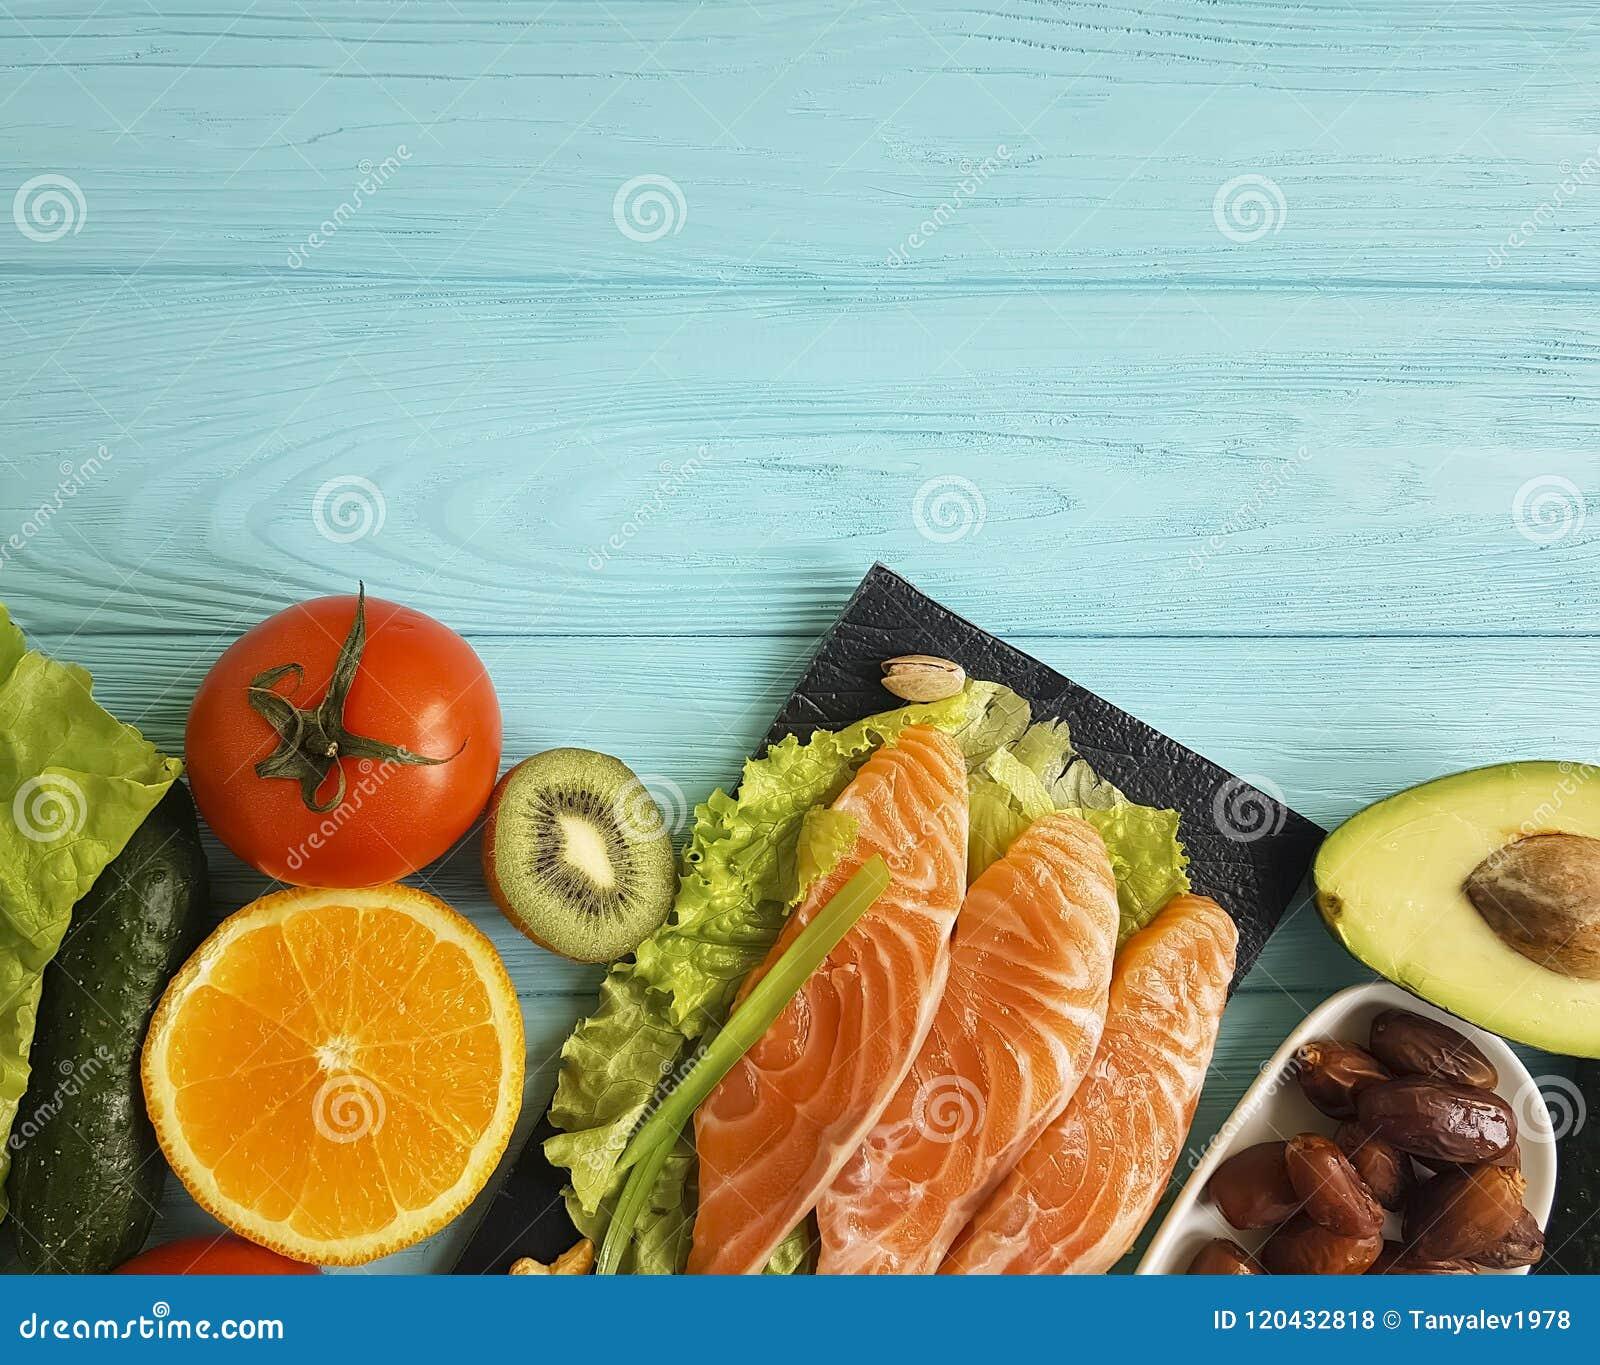 Fischen Sie Lachsessenabendessen-Gesundheitsprodukt auf einem blauen hölzernen unterschiedlichen Hintergrund